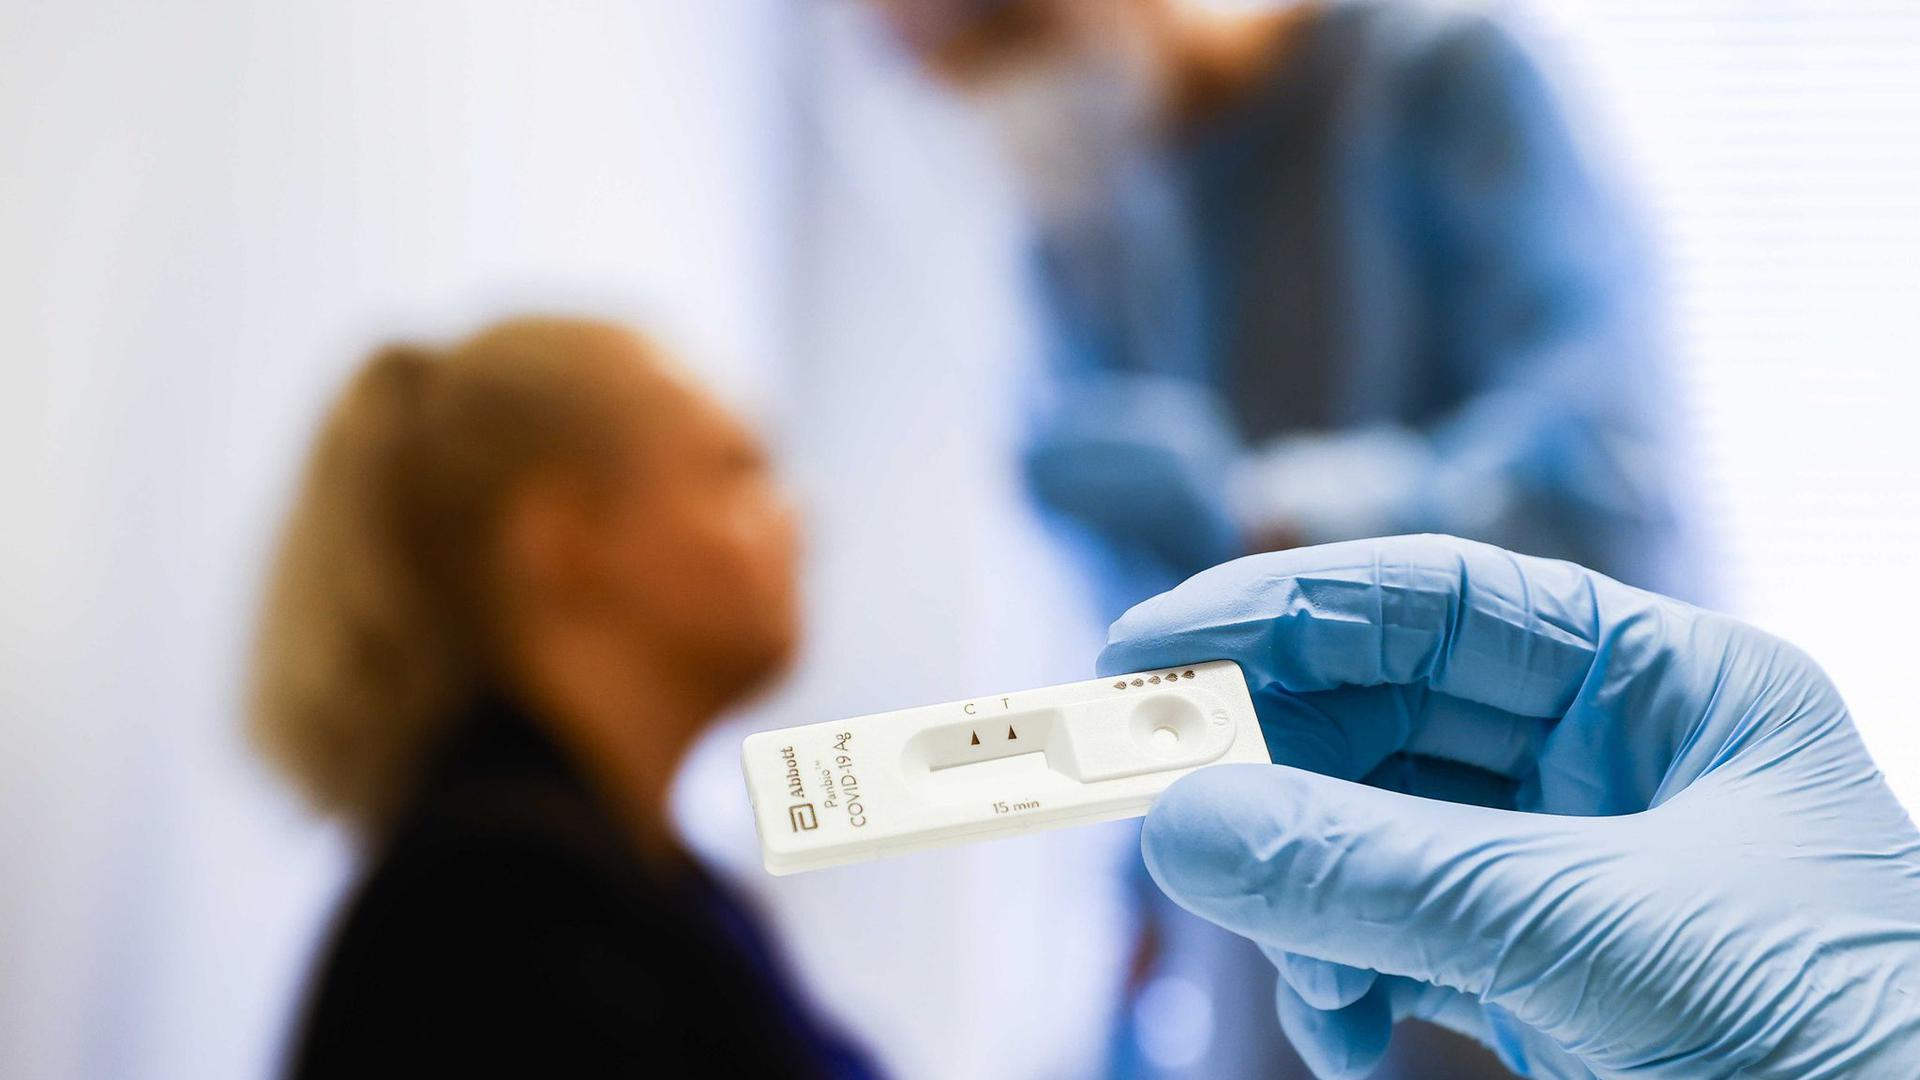 Blick auf einen Corona-Schnelltest in einer Teststation des Gesundheitsamts der niederländischen Stadt Groningen.